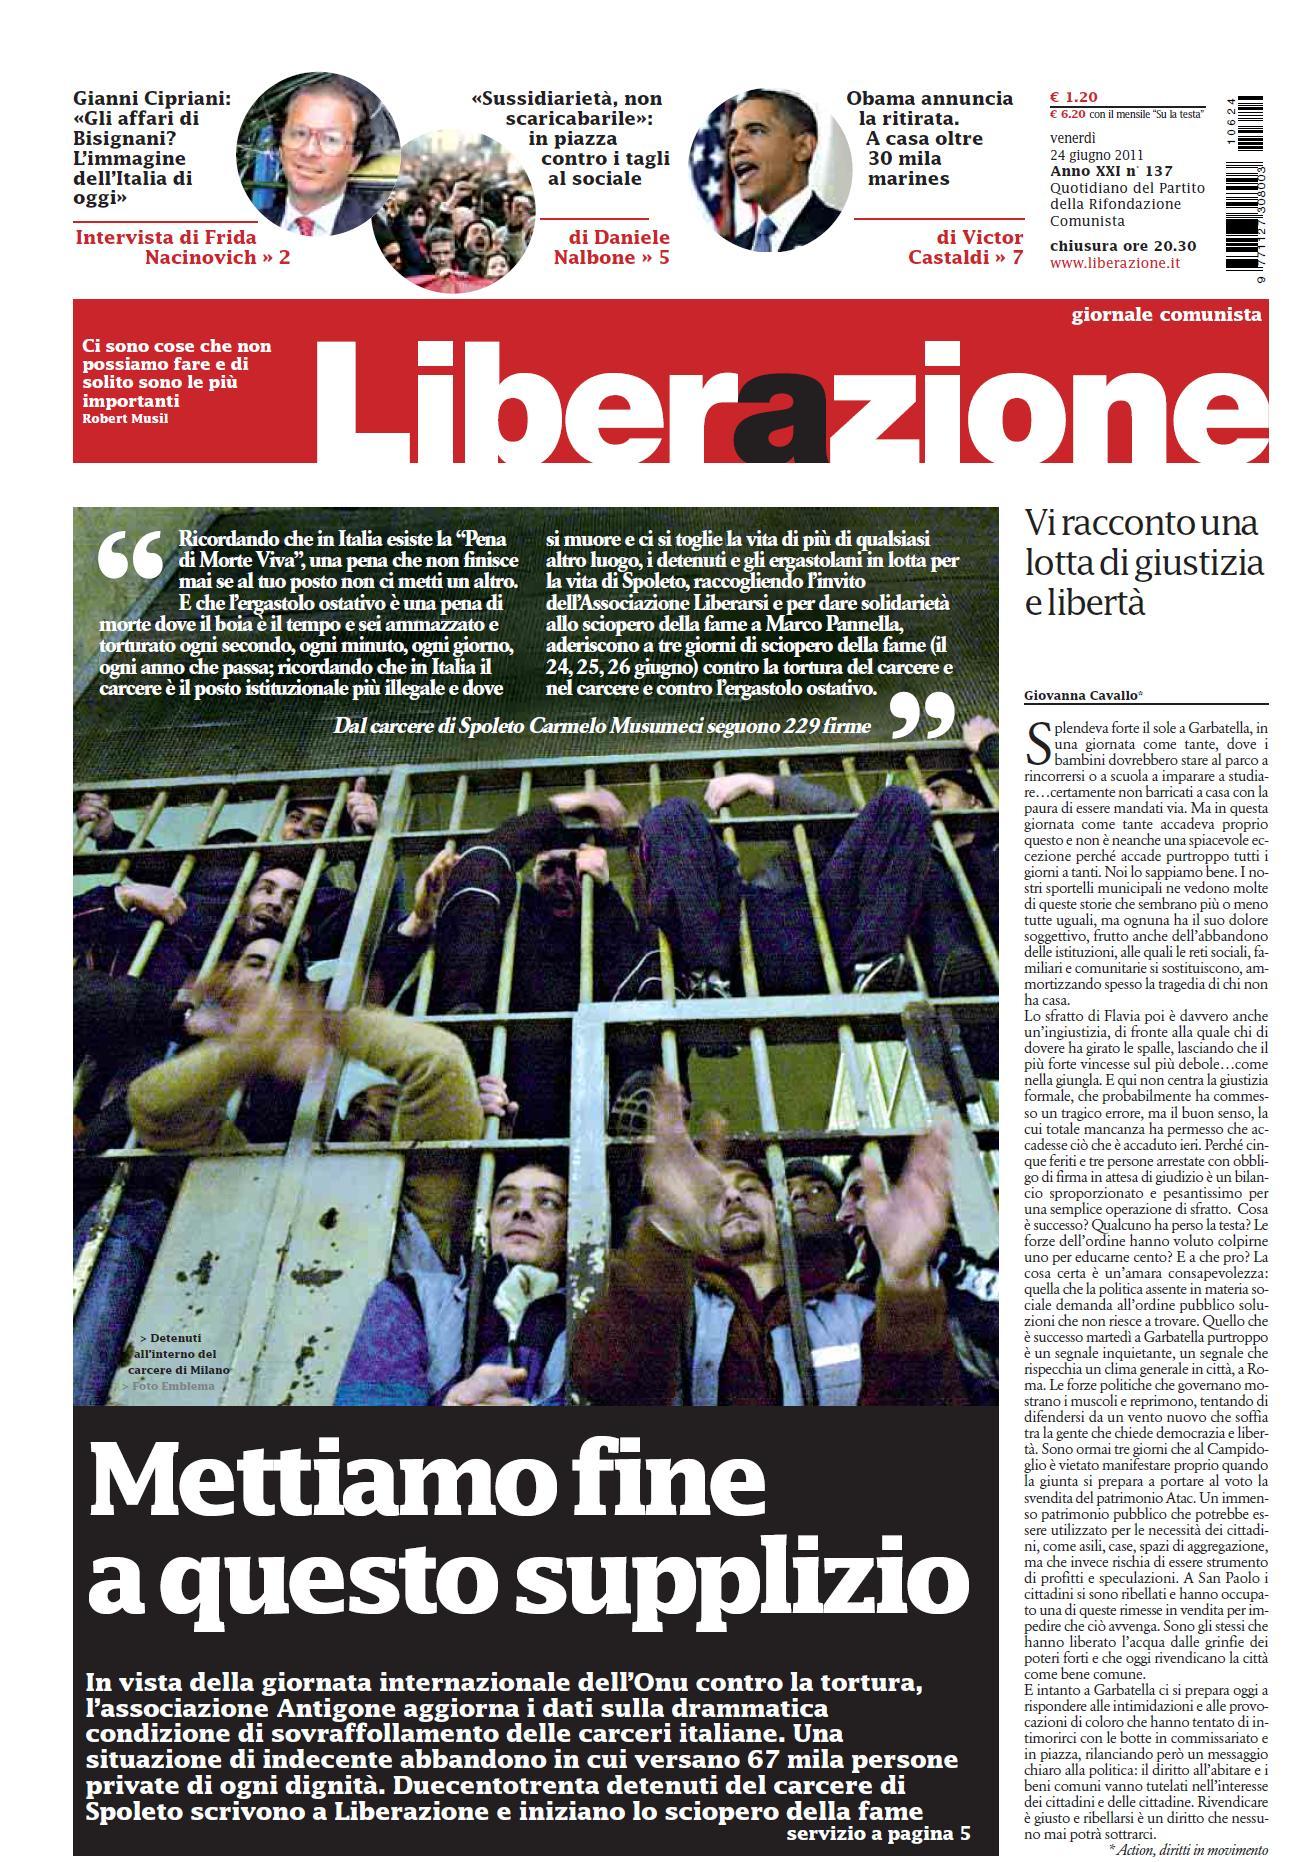 LIBERAZIONE 24 GIUGNO 2011